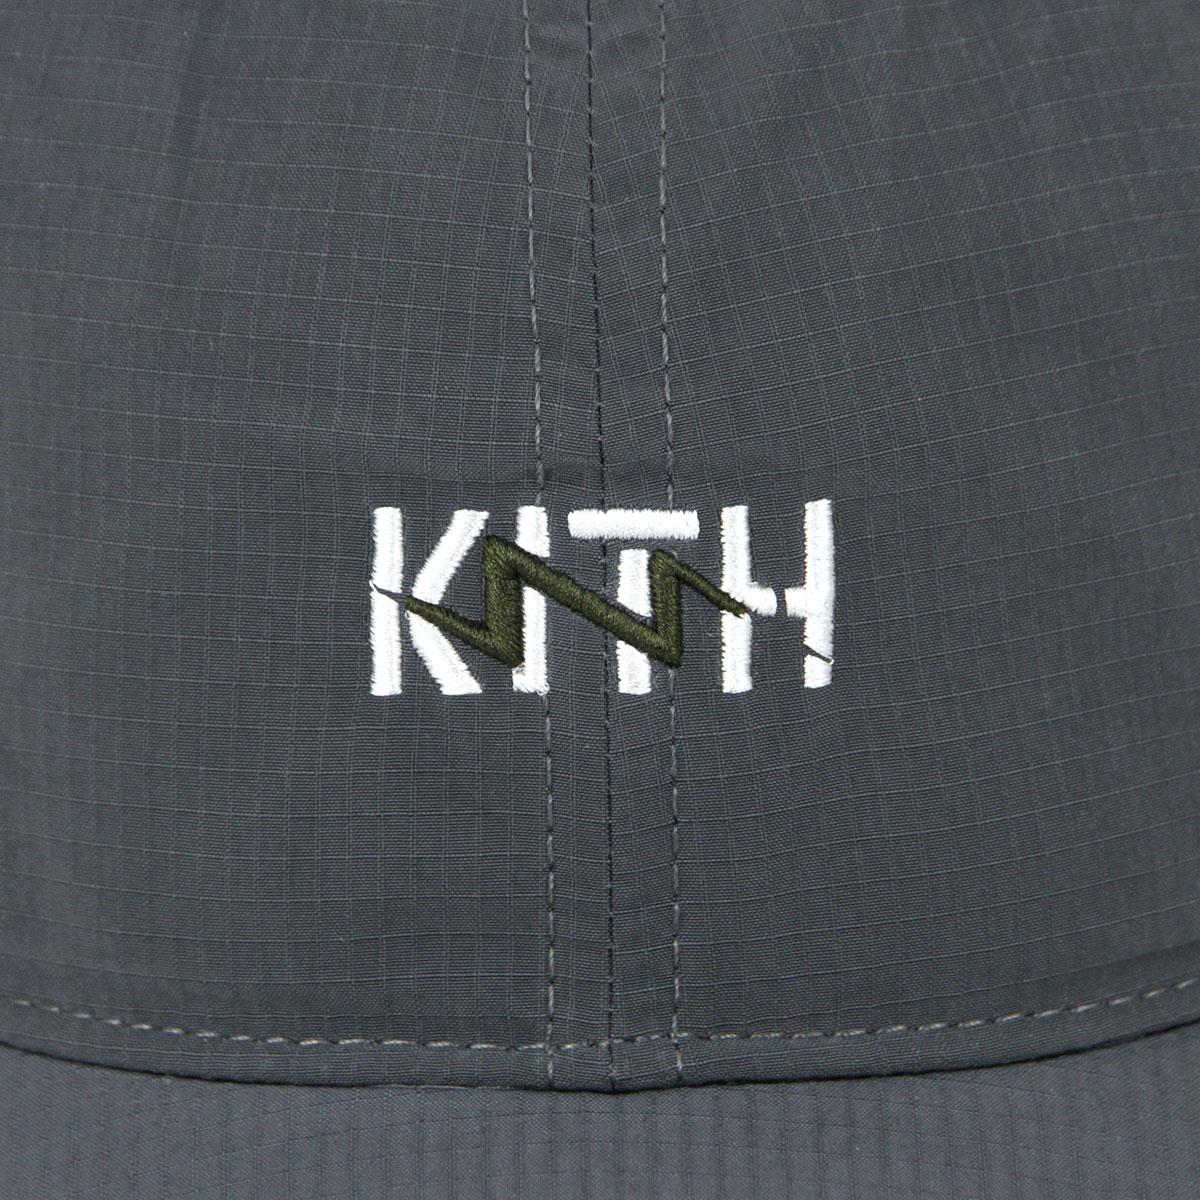 ece9de6ca9b9a Kiss KITH regular article men cap hat KITH UTILITY DAD HAT CAP KH5194-102  EBONY